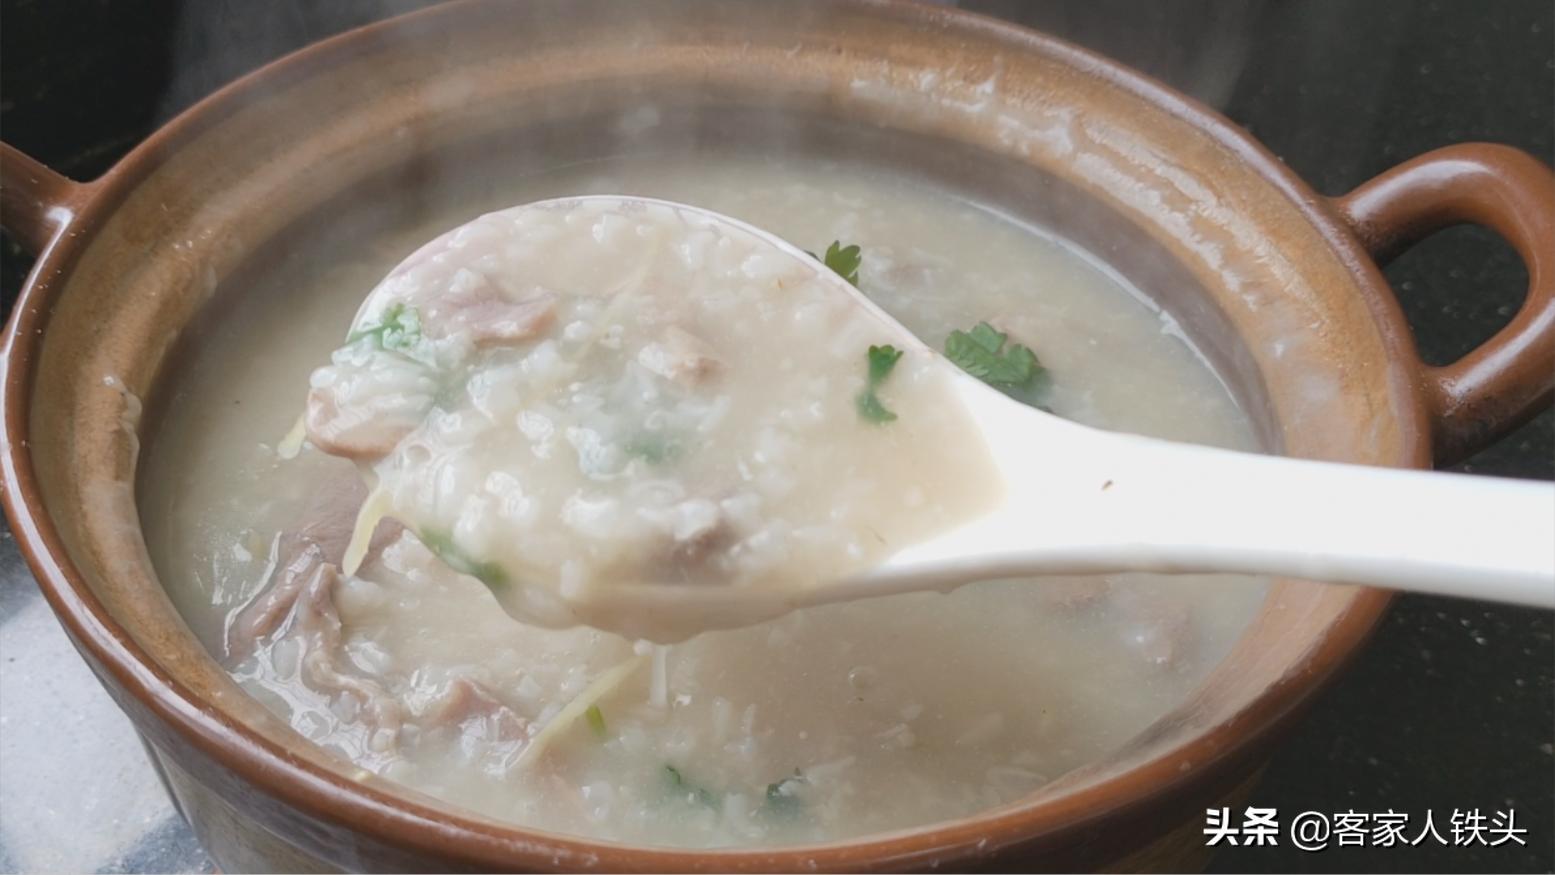 广东特色早餐吃法,天冷最适合吃,鲜香顺滑营养,一周吃3次不腻